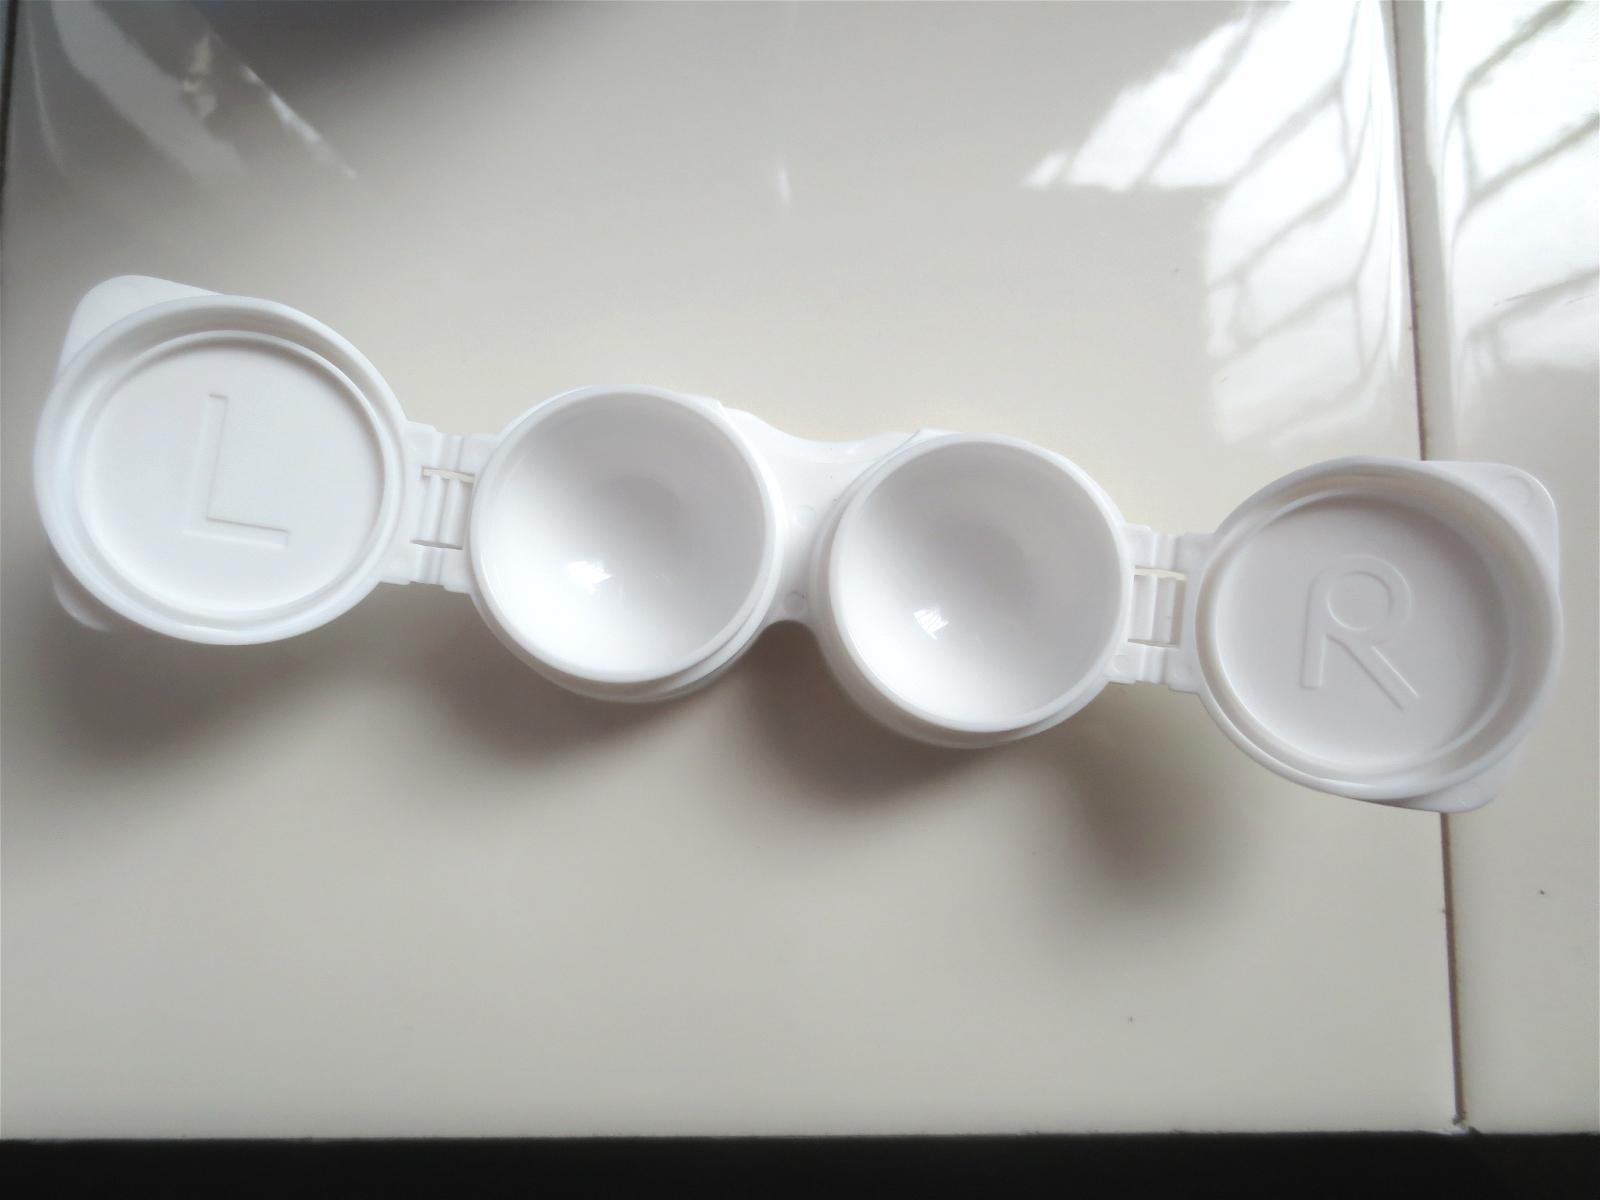 科学家发明球形液晶显示器,可嵌入到隐形眼镜上!